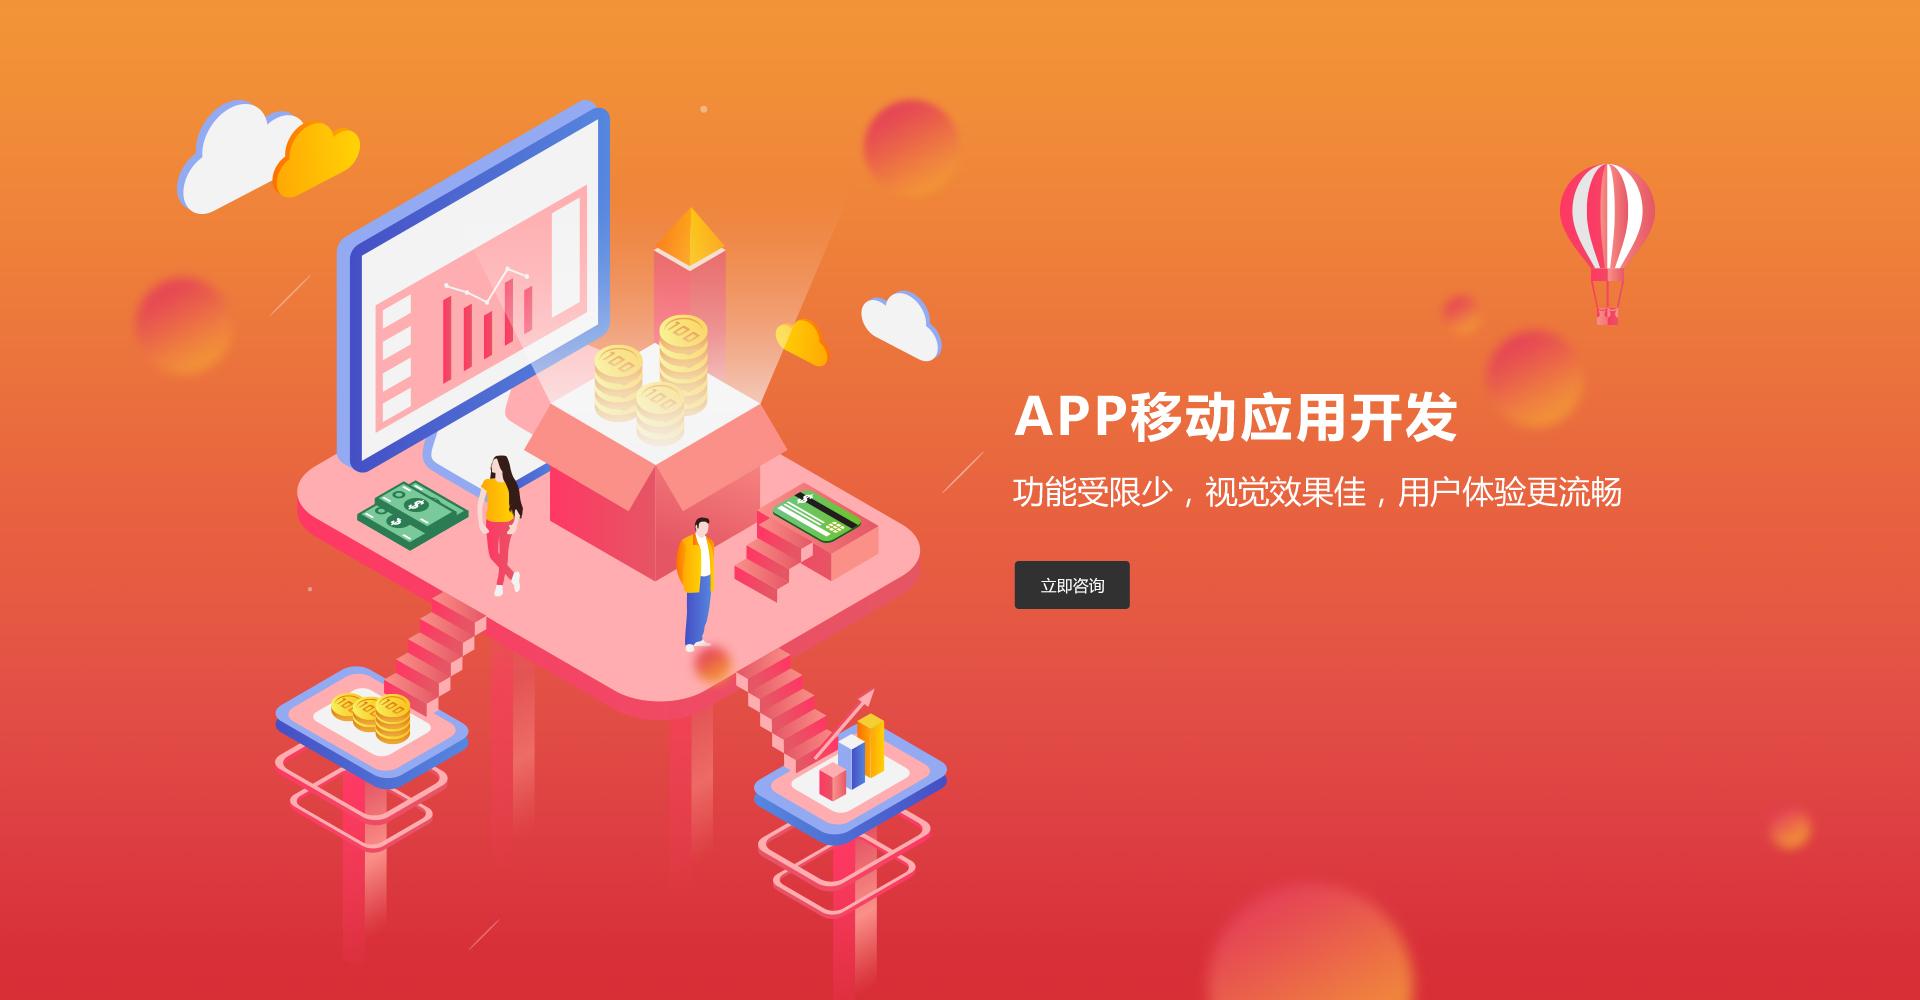 「汽车服务 app开发」汽车金融保险融资租赁车险快速报价理赔